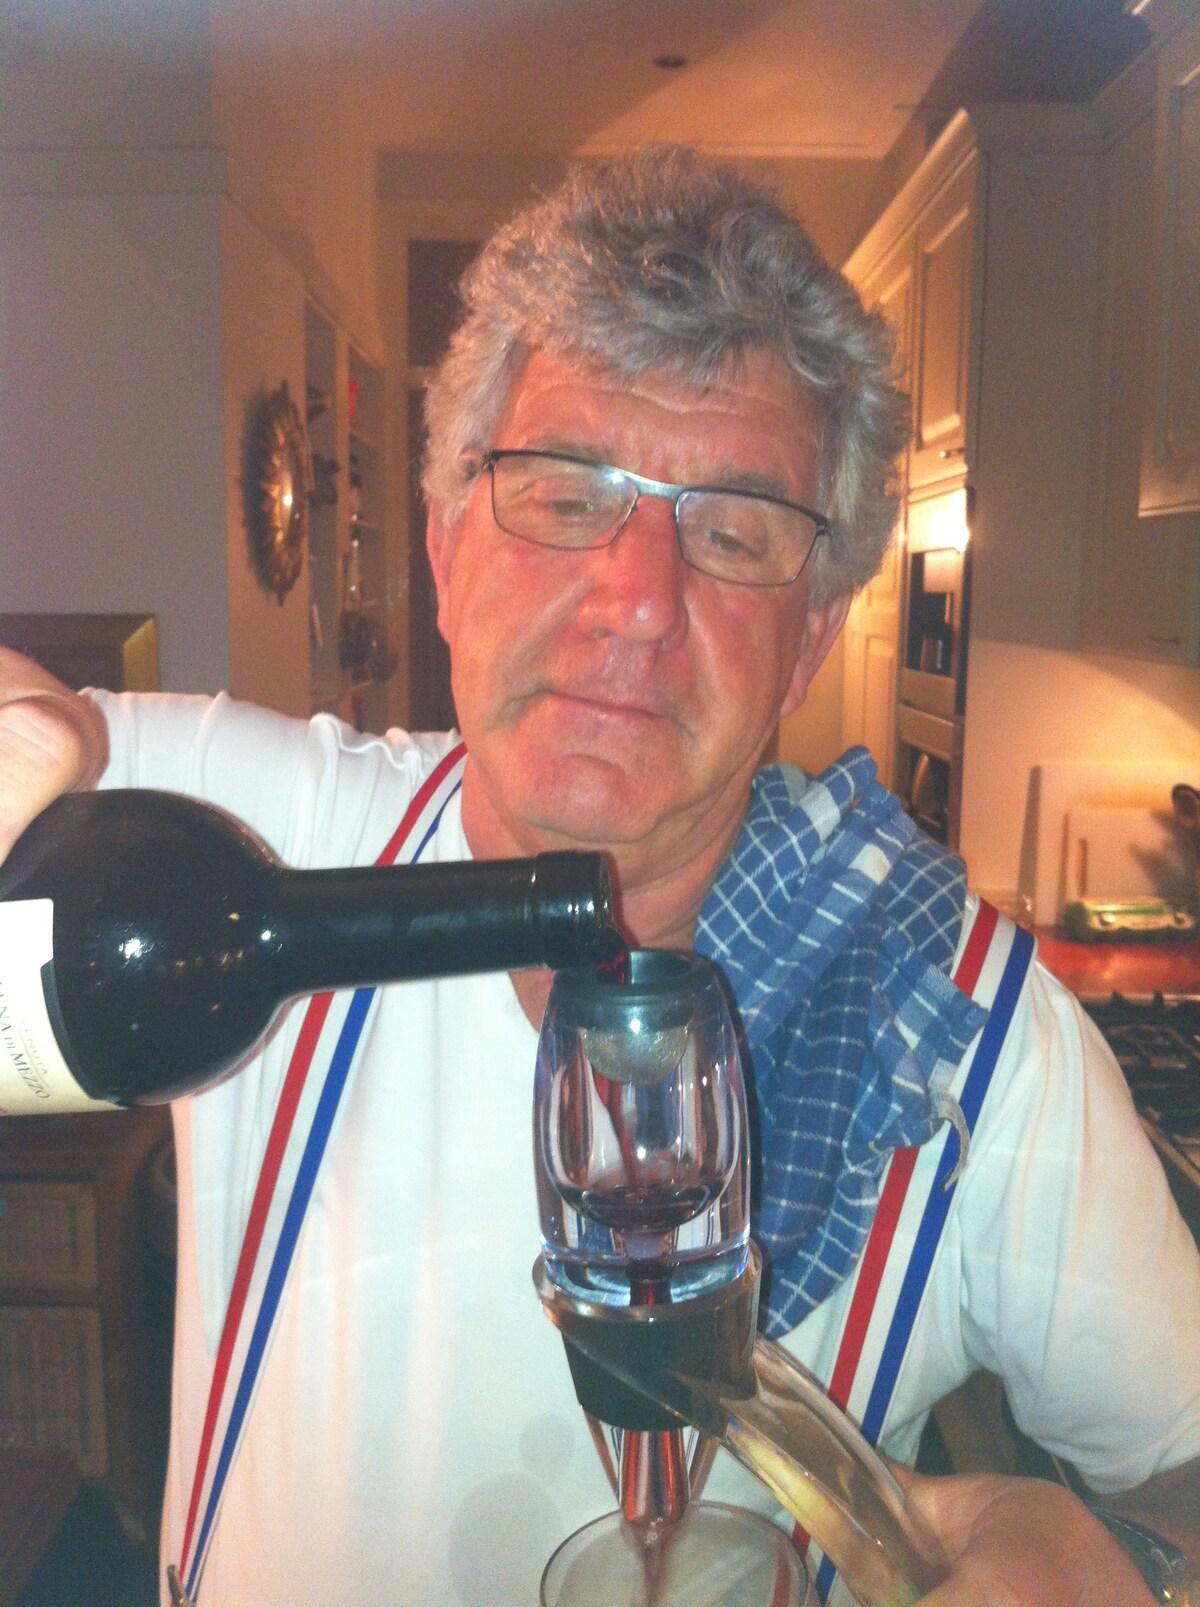 Wim from Alkmaar